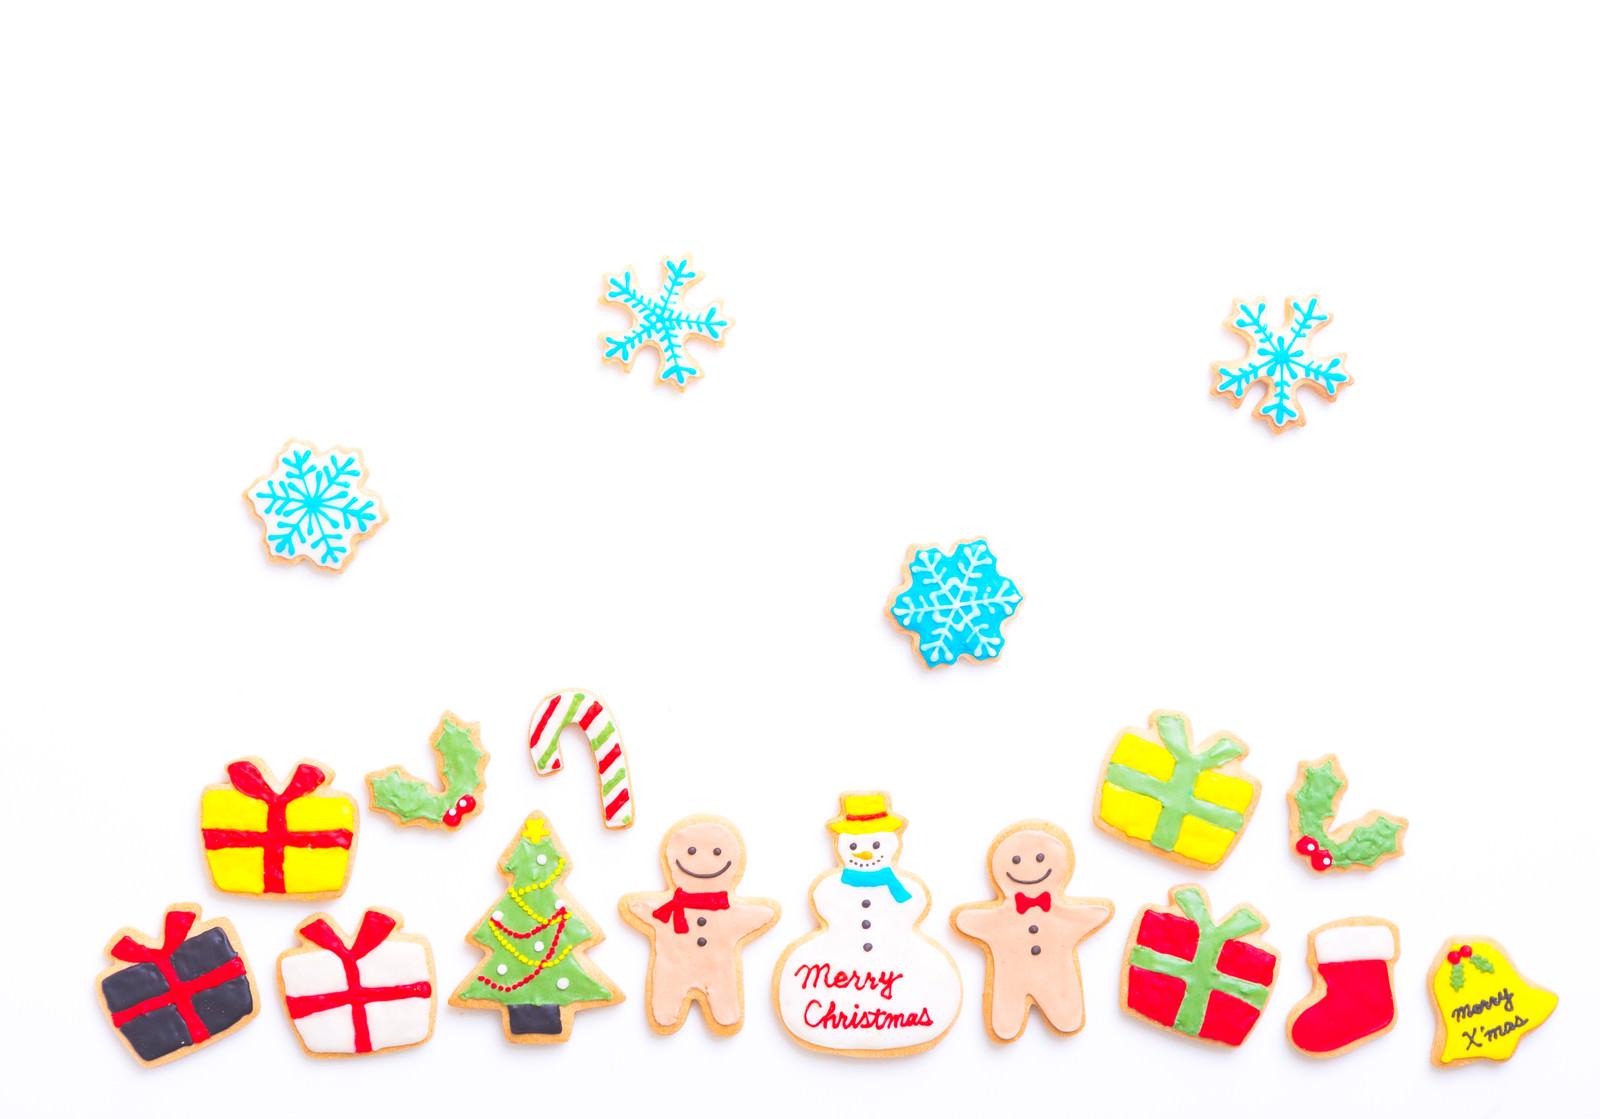 「楽しいクリスマス(アイシングクッキー)楽しいクリスマス(アイシングクッキー)」のフリー写真素材を拡大